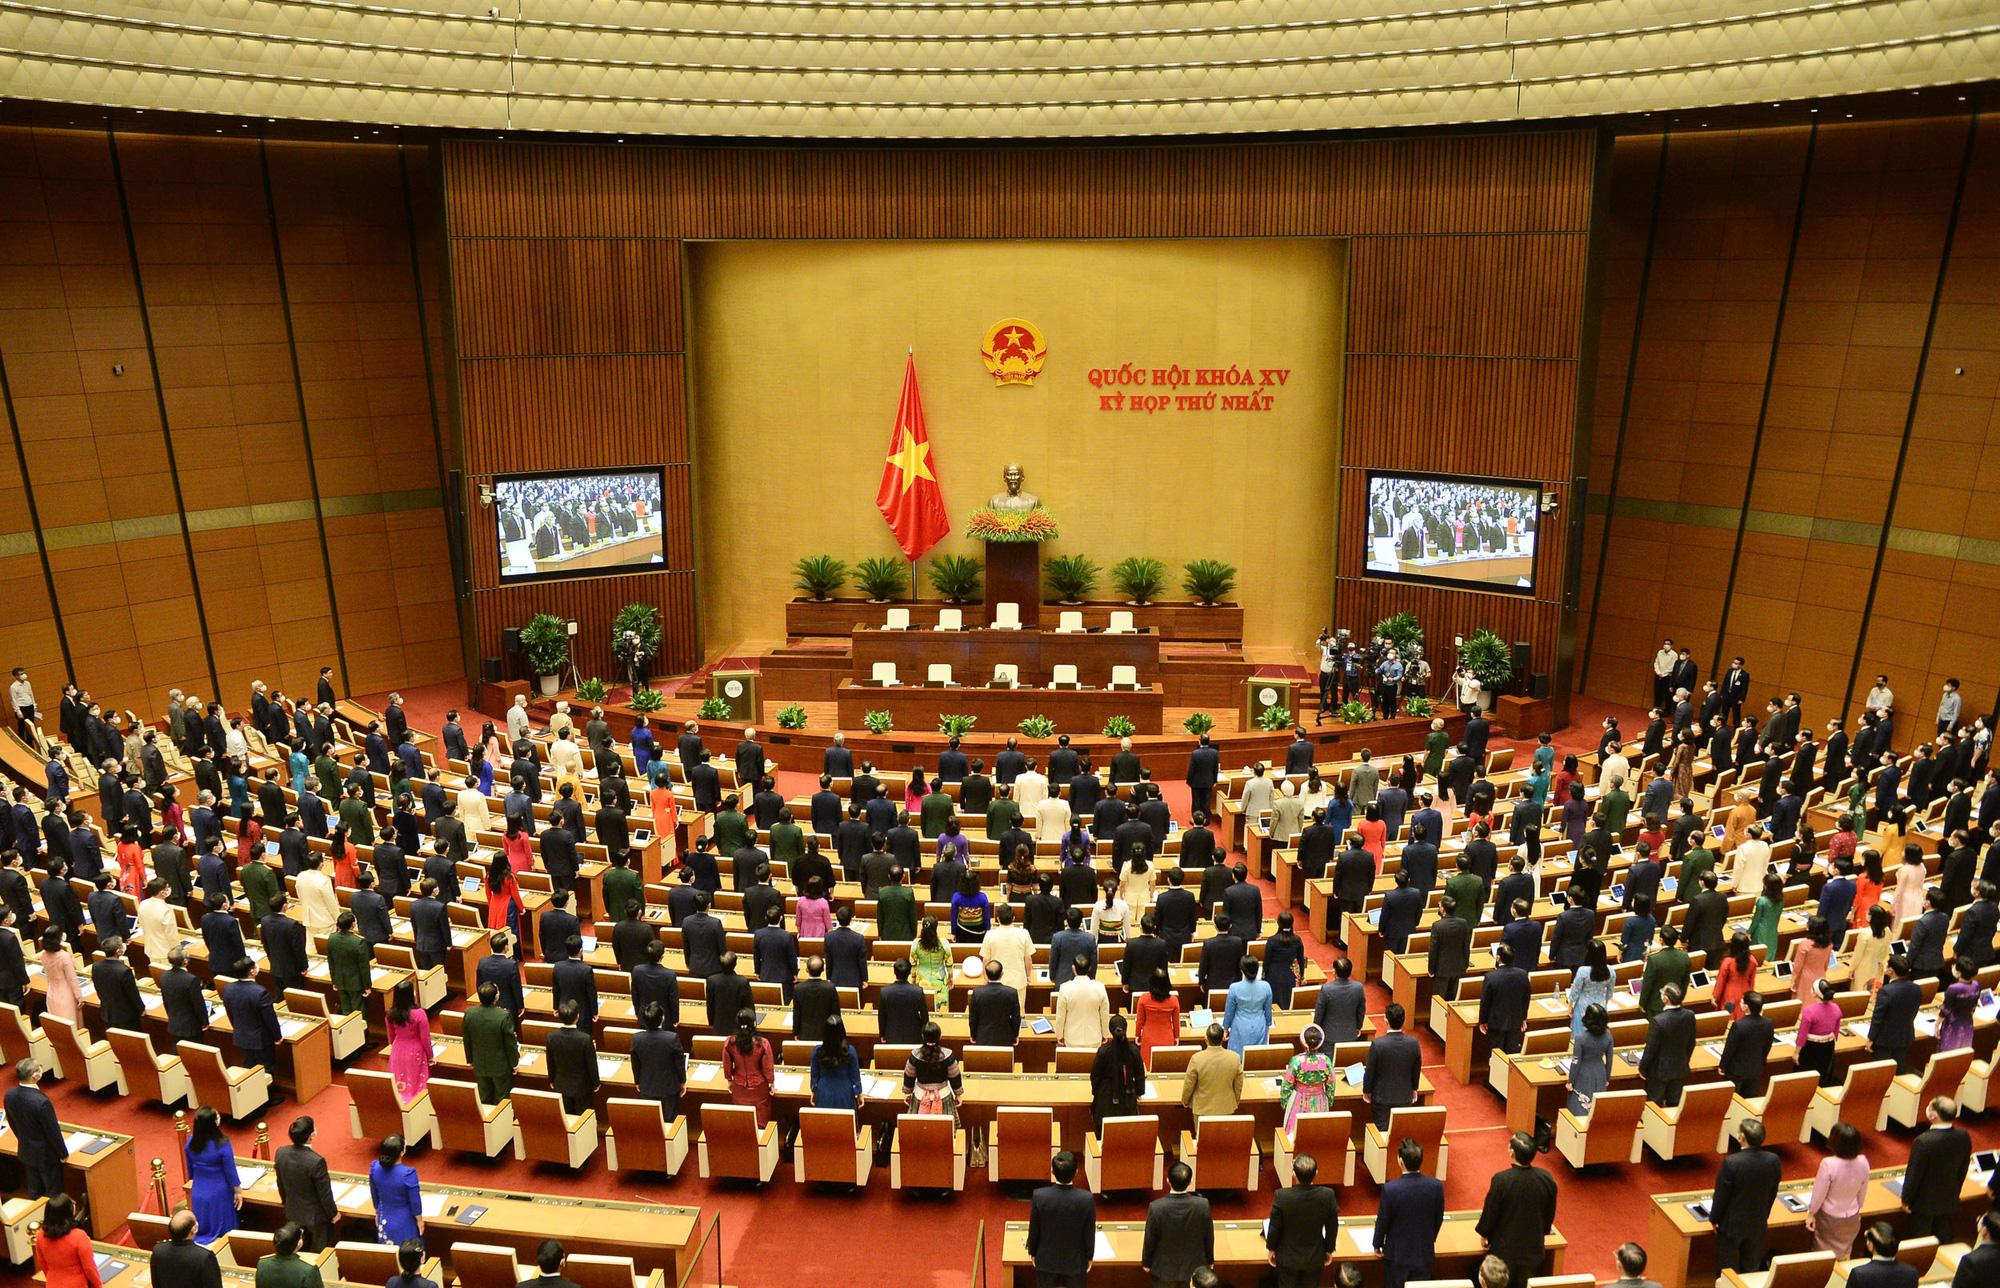 Biến cam kết thành hành động nhìn từ hai quyết định về phòng chống dịch của Chủ tịch Quốc hội Vương Đình Huệ - Ảnh 3.